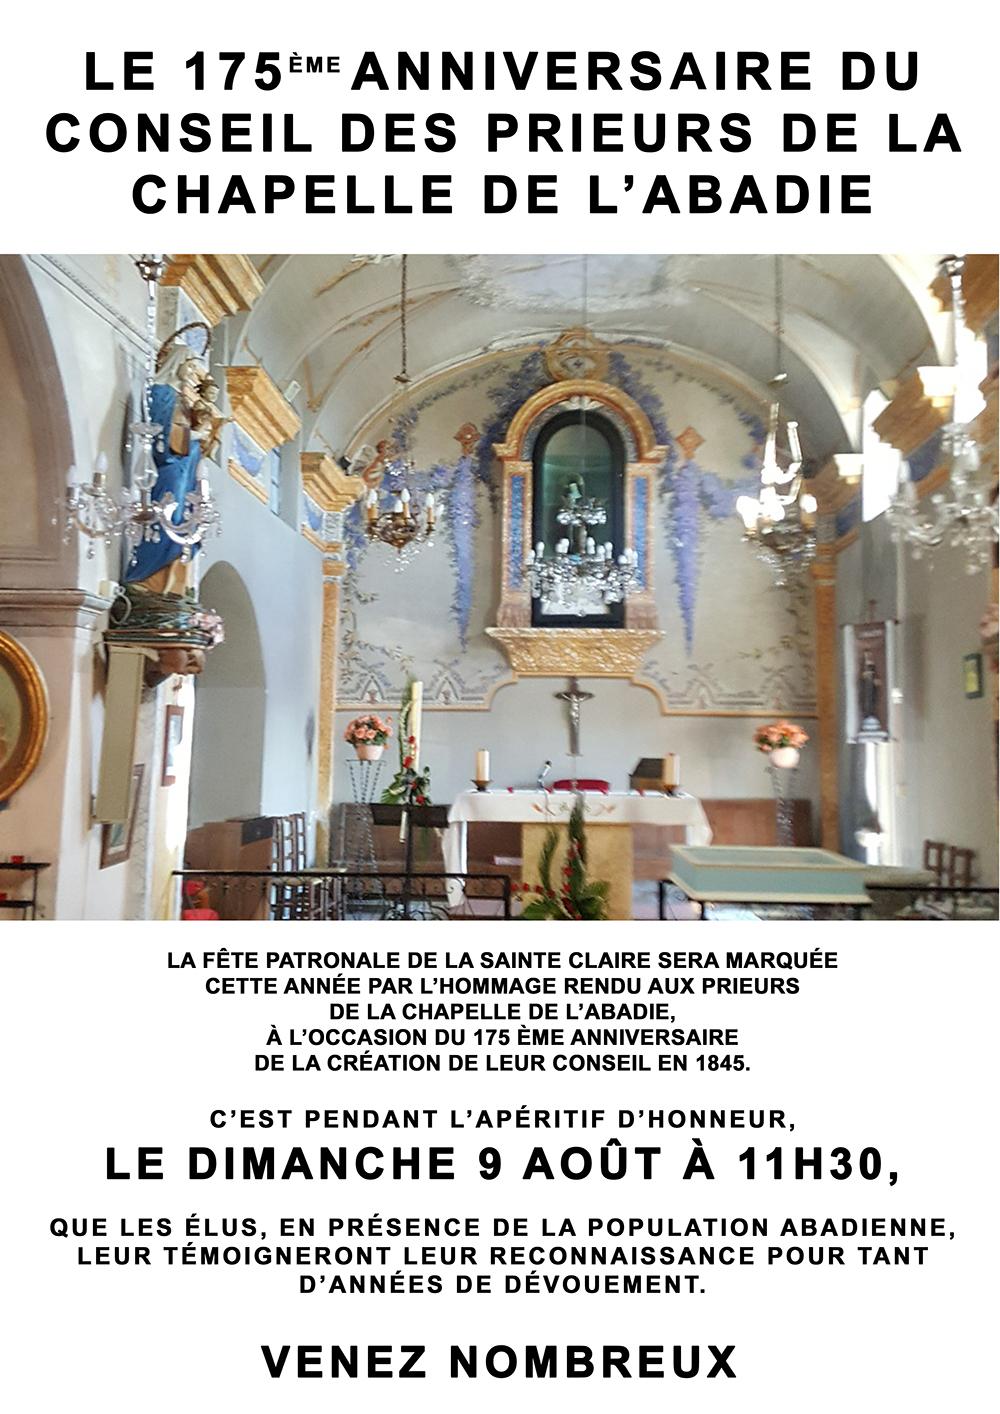 175 ème anniversaire du conseil des prieurs de la chapelle de l'Abadie